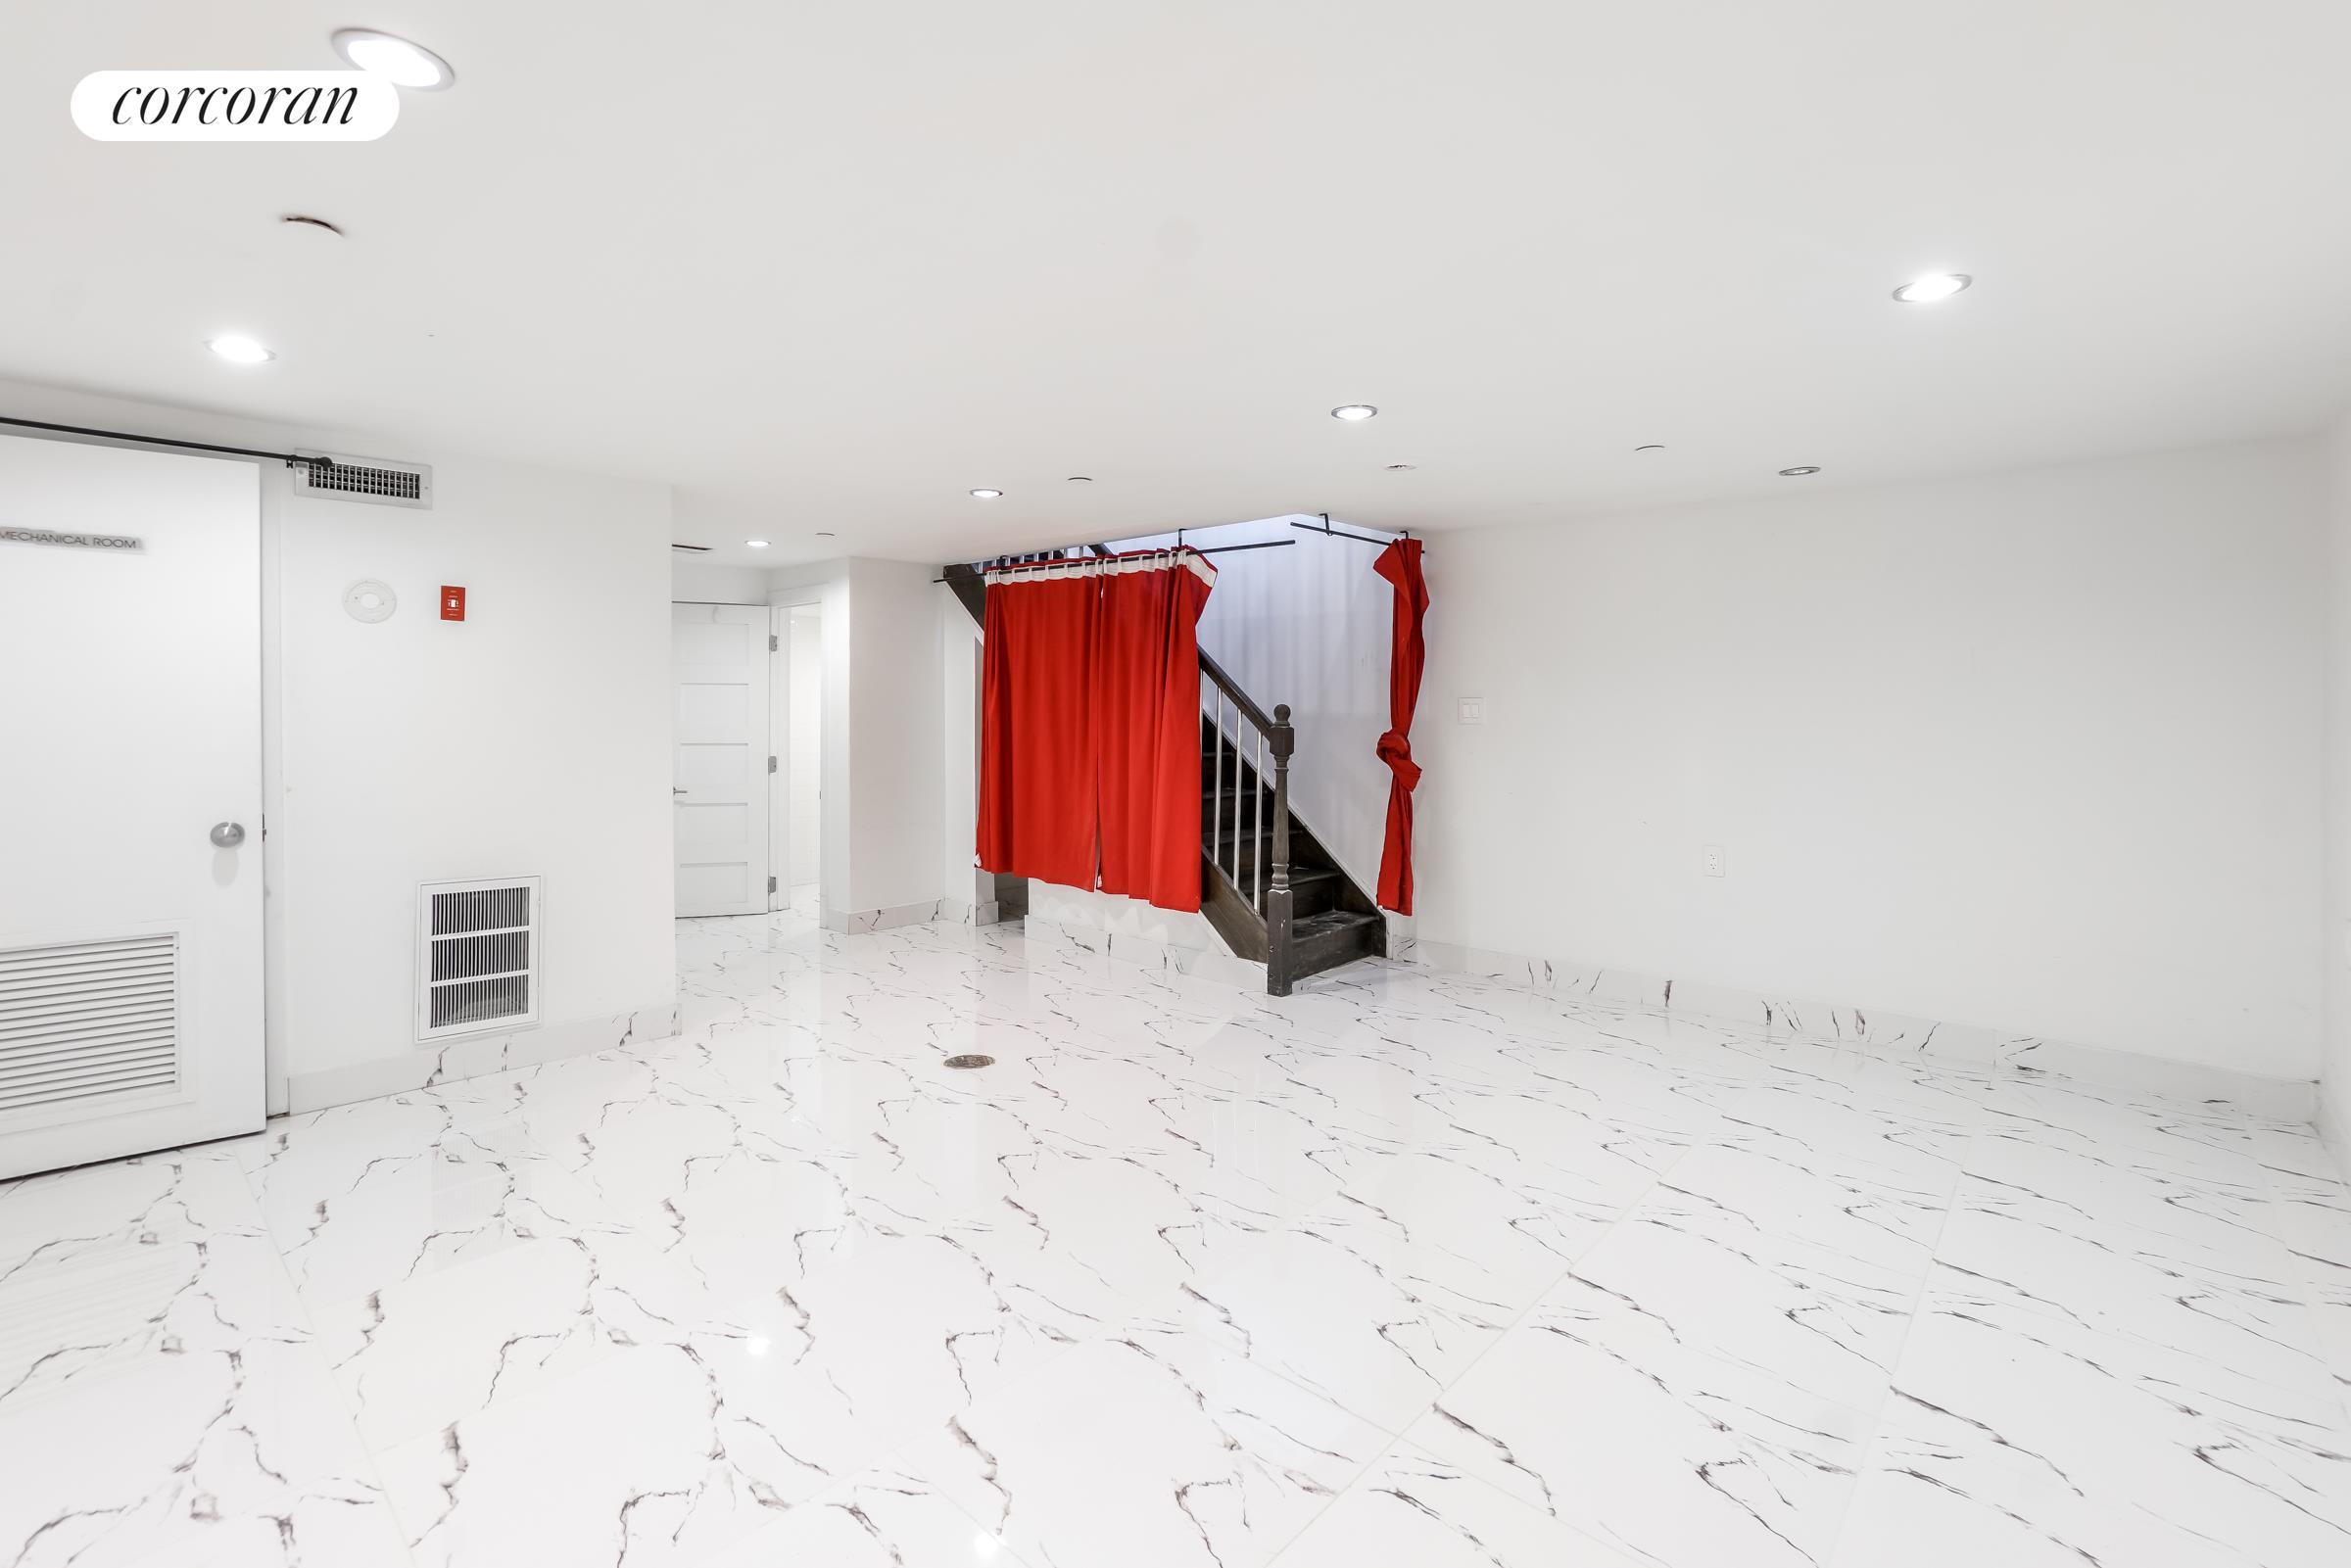 287 Kosciuszko Street Bedford Stuyvesant Brooklyn NY 11221